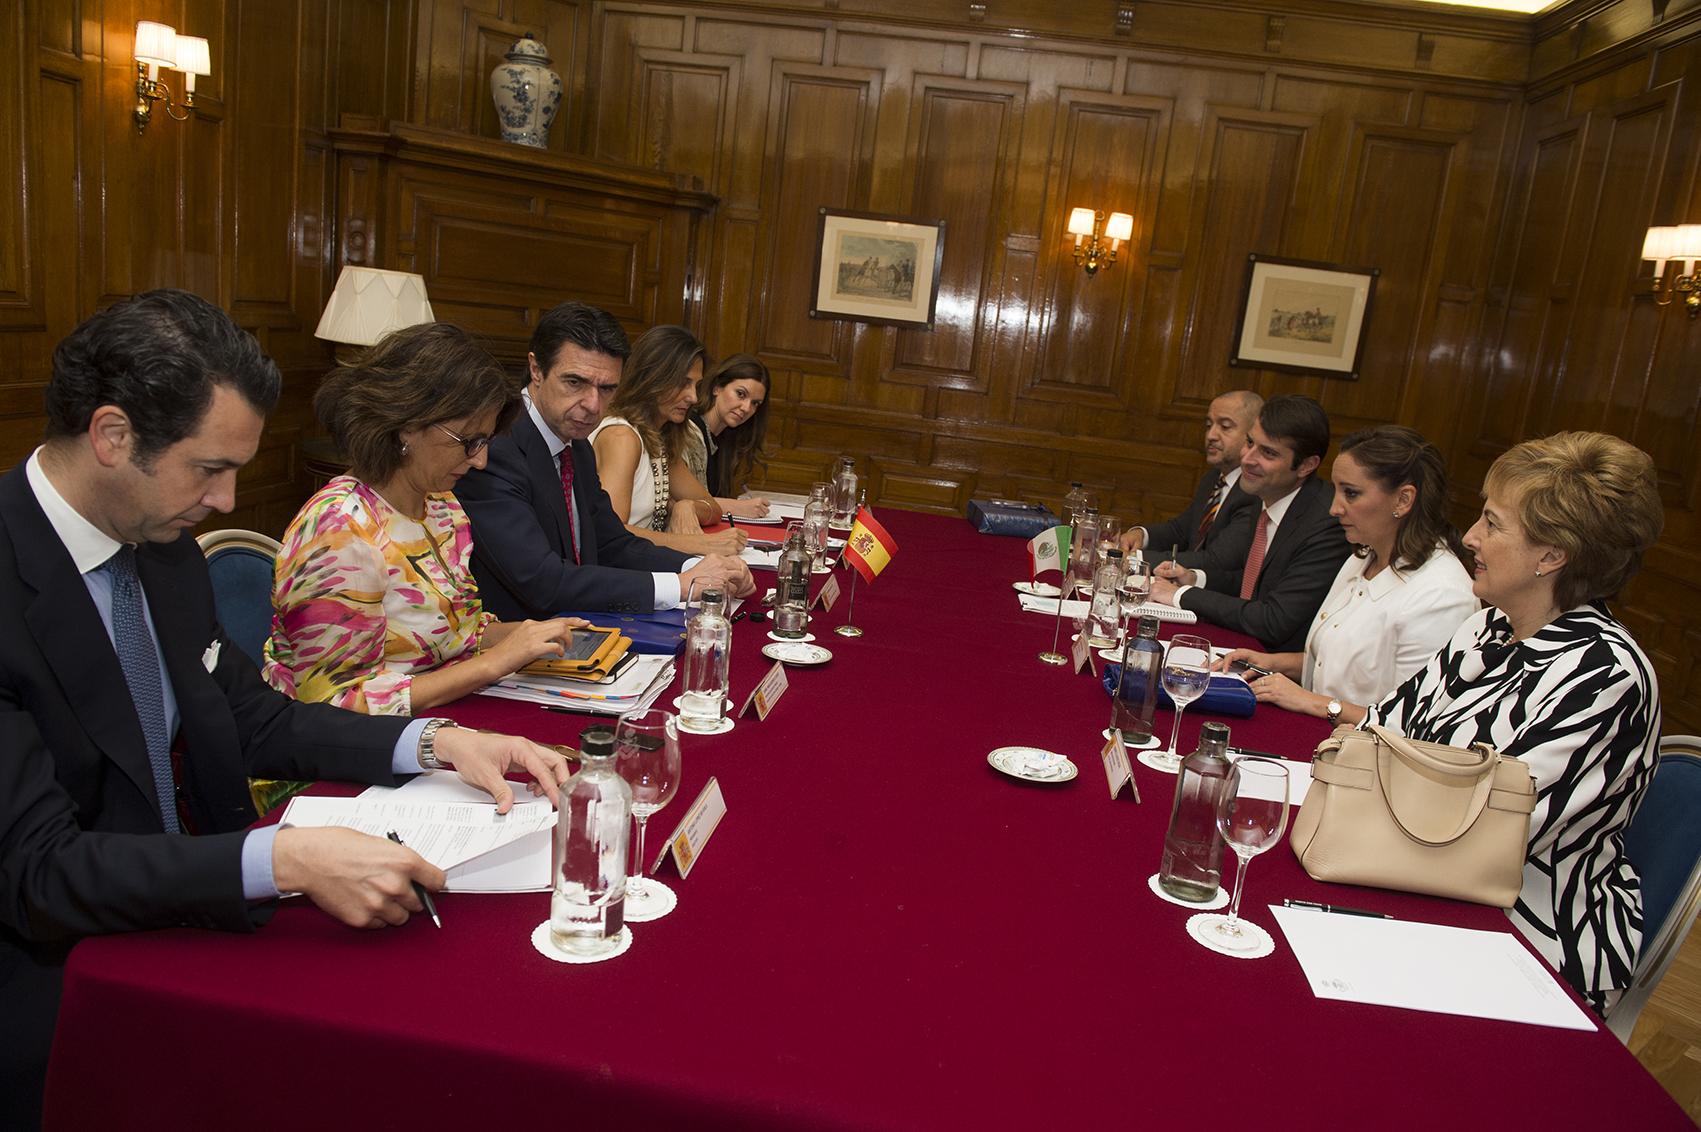 La Secretaria de Turismo del Gobierno de la República, Claudia Ruiz Massieu, sostuvo una reunión bilateral con el Ministro de Industria, Energía y Turismo del Reino de España, José Manuel Soria López.